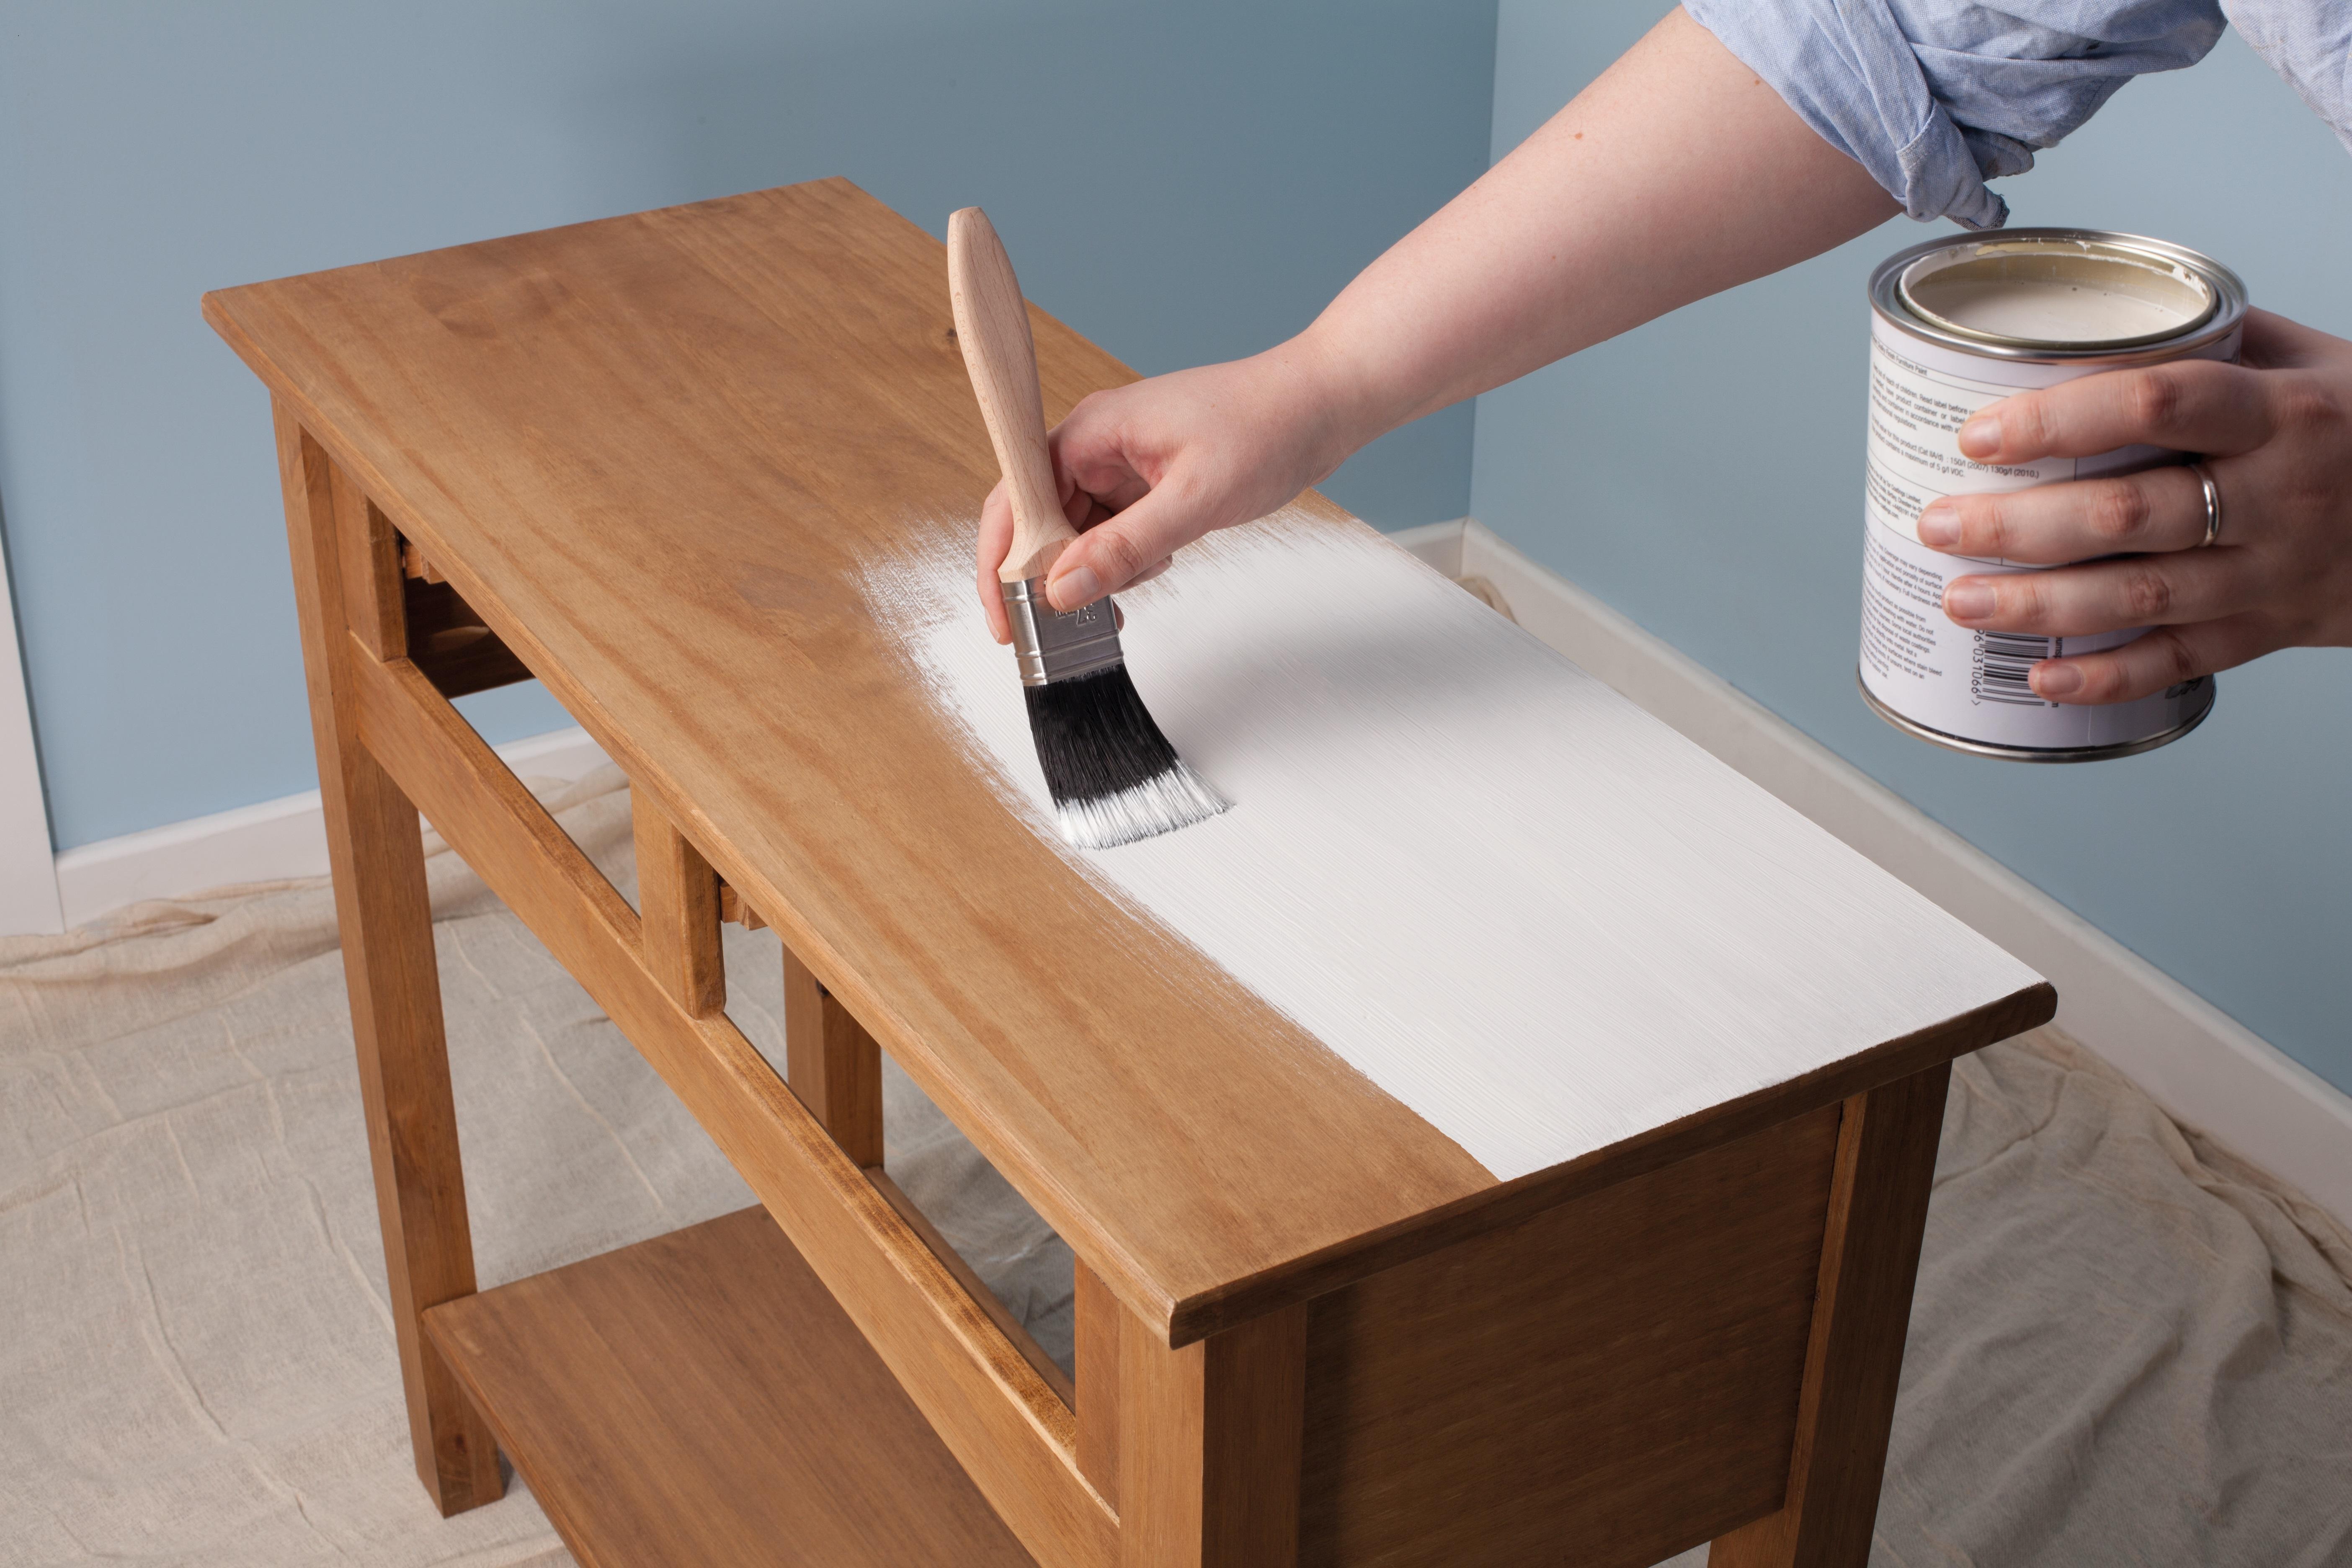 Matériel Pour Patiner Un Meuble un buffet à l'aspect patiné avec la peinture pour meubles